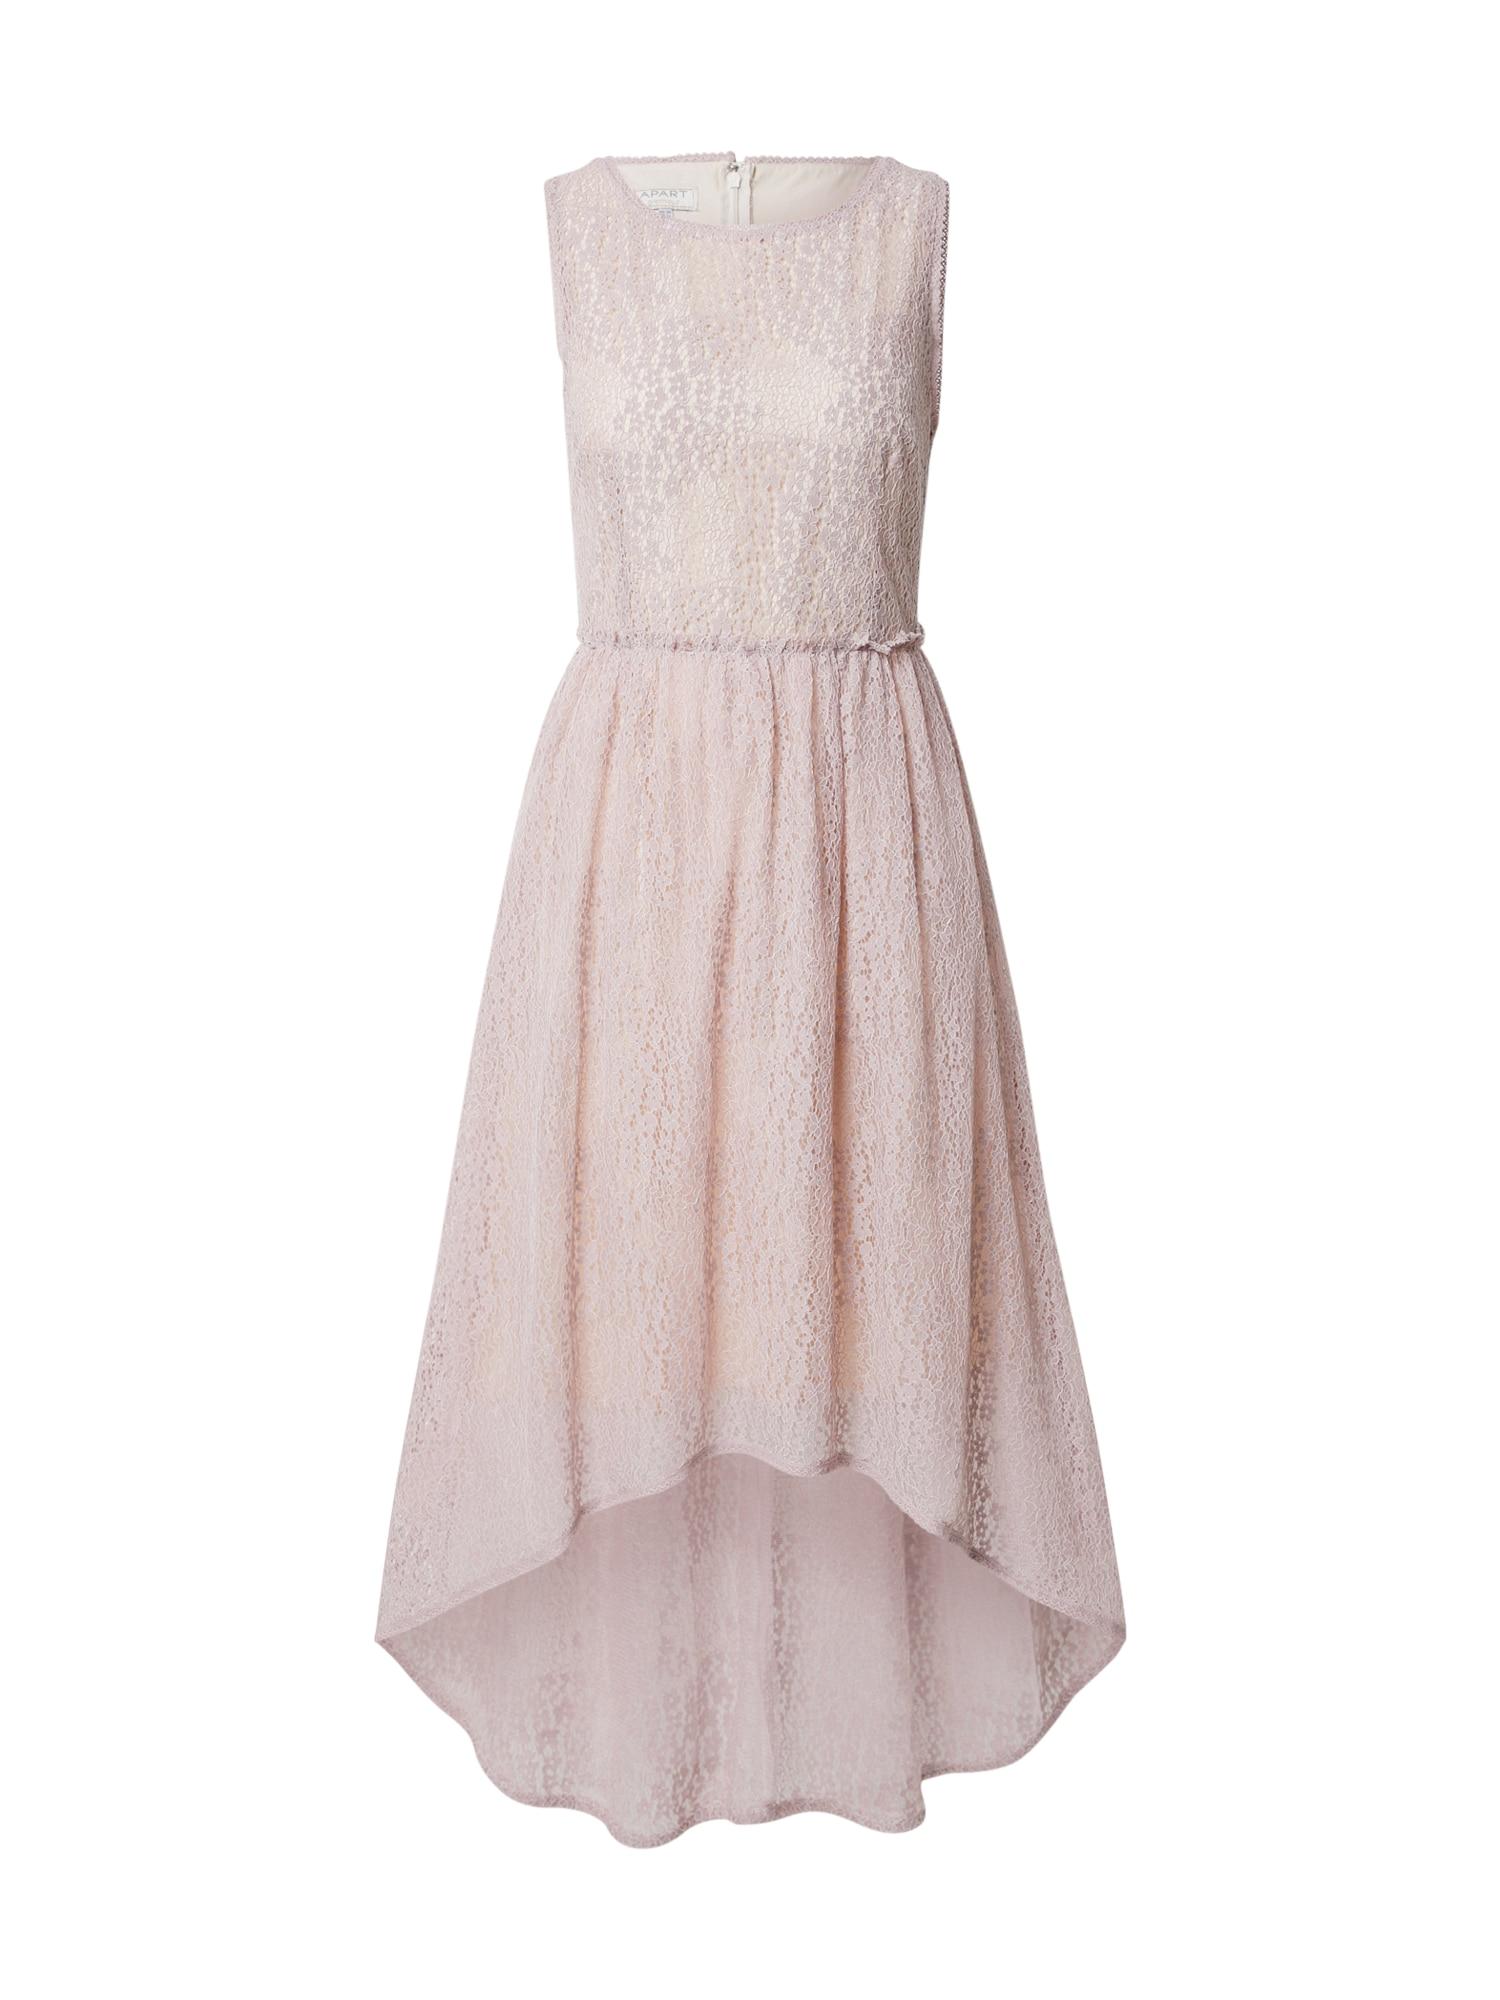 APART Vakarinė suknelė rausvai violetinė spalva / kūno spalva